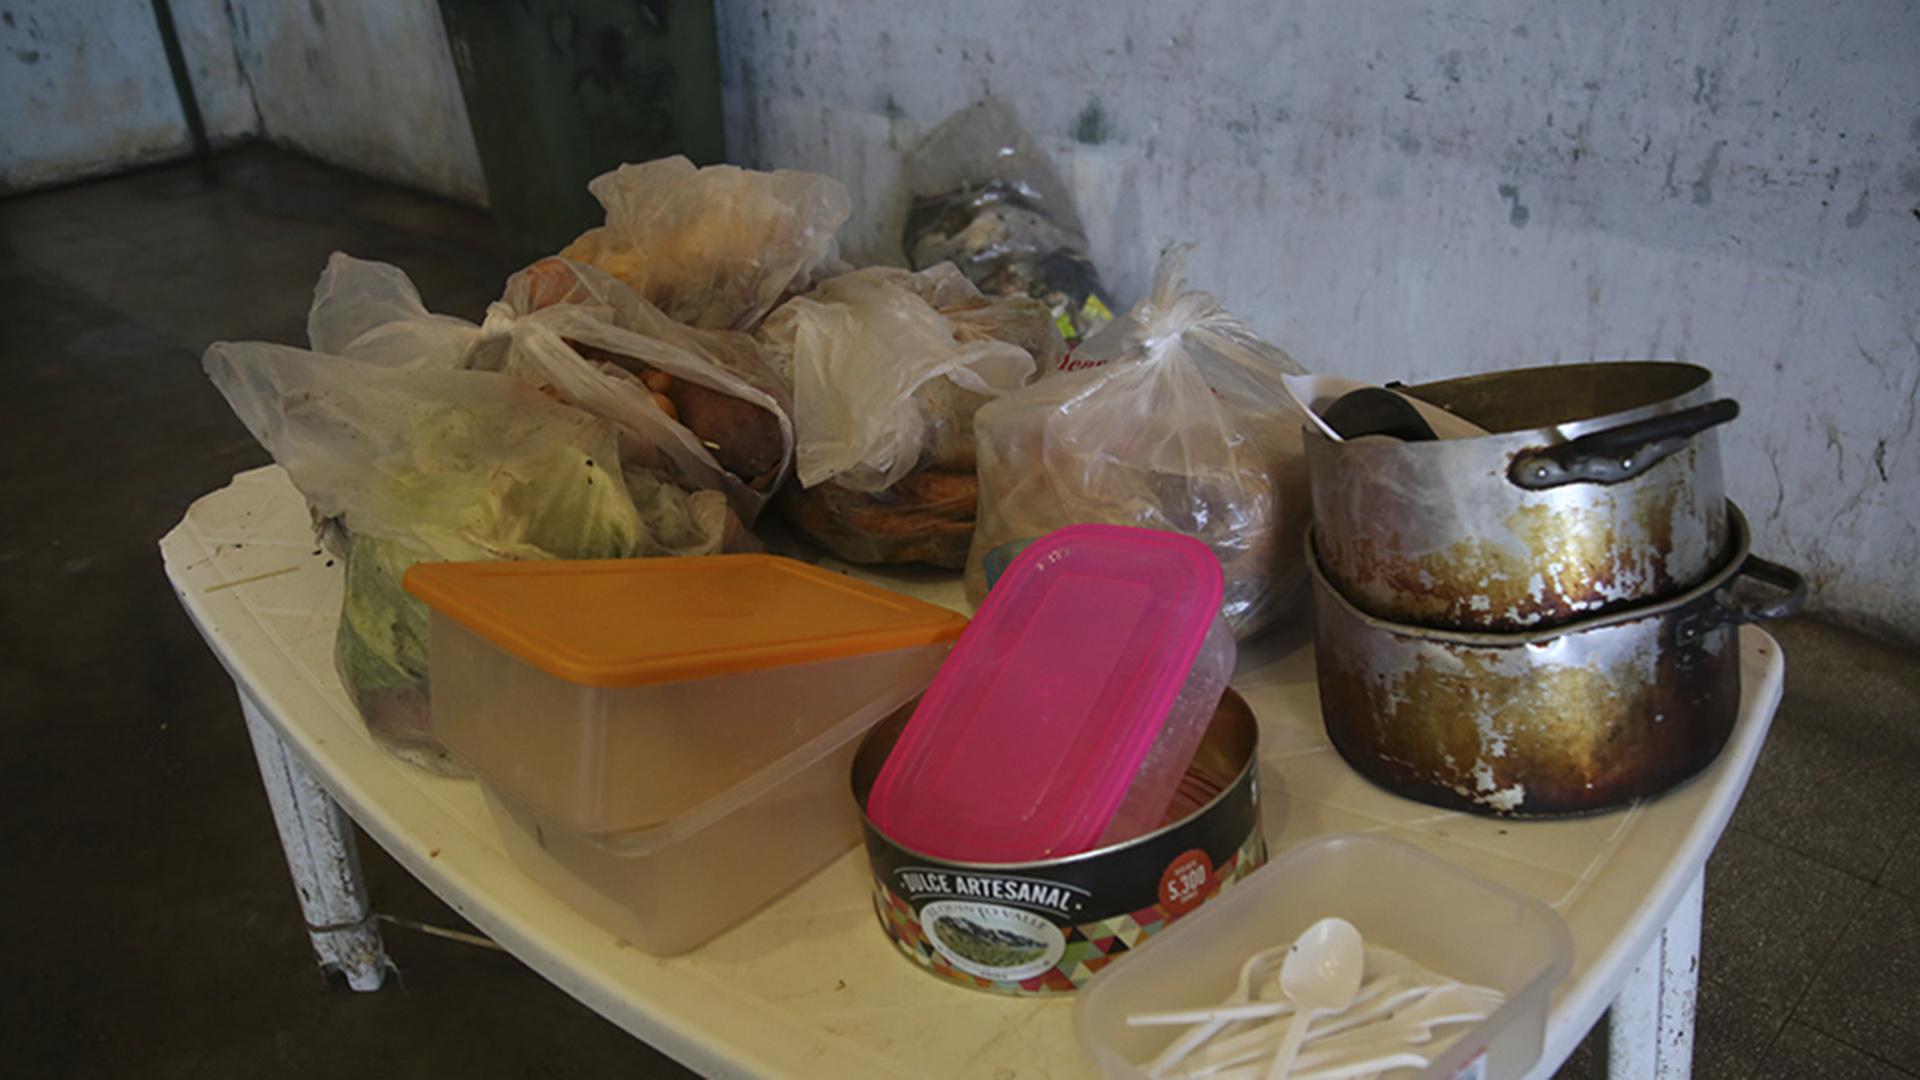 Los presos se niegan a recibir comida de la cocina de Marcos Paz. Una inspección detectó insectos y podredumbre.